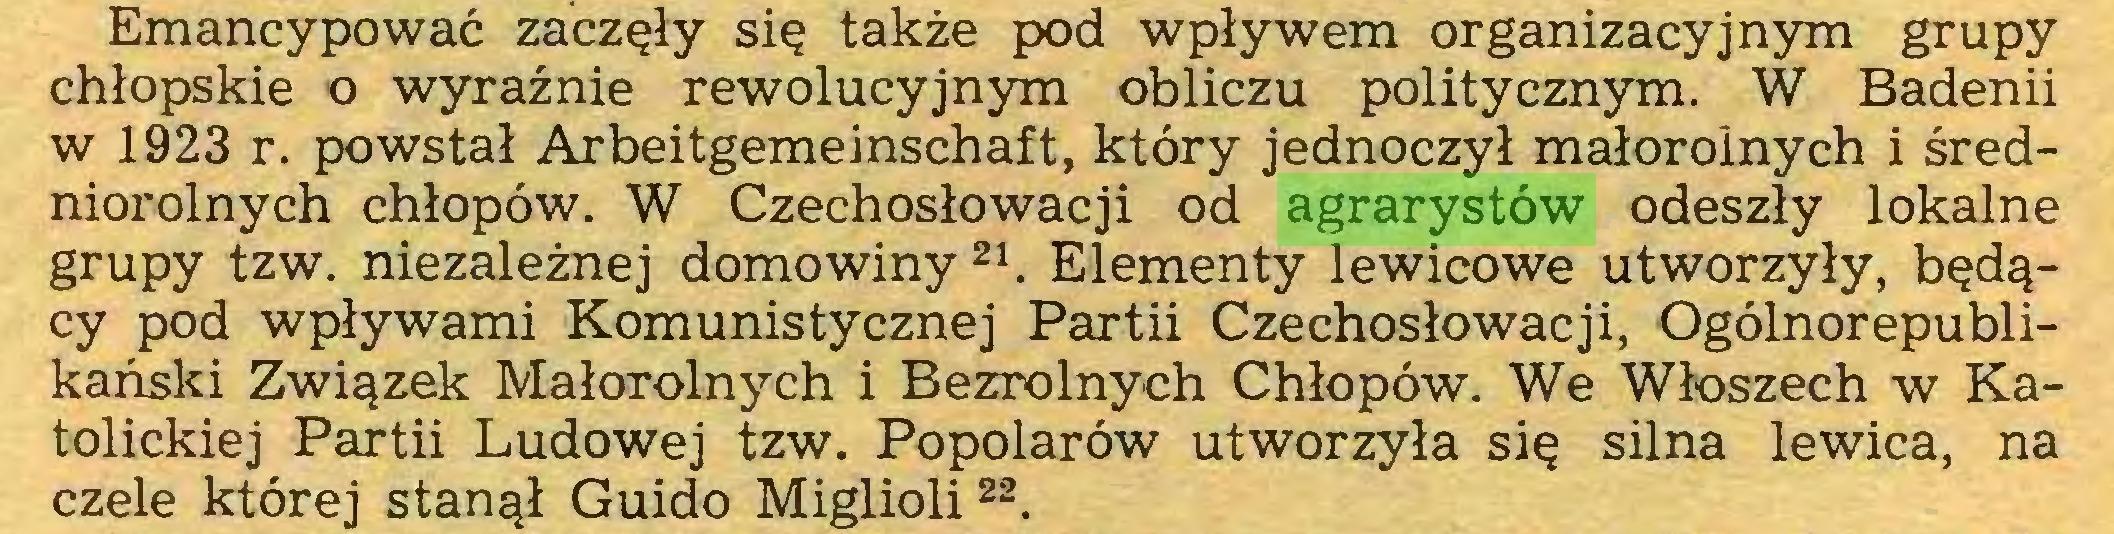 (...) Emancypować zaczęły się także pod wpływem organizacyjnym grupy chłopskie o wyraźnie rewolucyjnym obliczu politycznym. W Badenii w 1923 r. powstał Arbeitgemeinschaft, który jednoczył małorolnych i średniorolnych chłopów. W Czechosłowacji od agrarystów odeszły lokalne grupy tzw. niezależnej domowiny 21. Elementy lewicowe utworzyły, będący pod wpływami Komunistycznej Partii Czechosłowacji, Ogólnorepublikański Związek Małorolnych i Bezrolnych Chłopów. We Włoszech w Katolickiej Partii Ludowej tzw. Popolarów utworzyła się silna lewica, na czele której stanął Guido Miglioli 22...